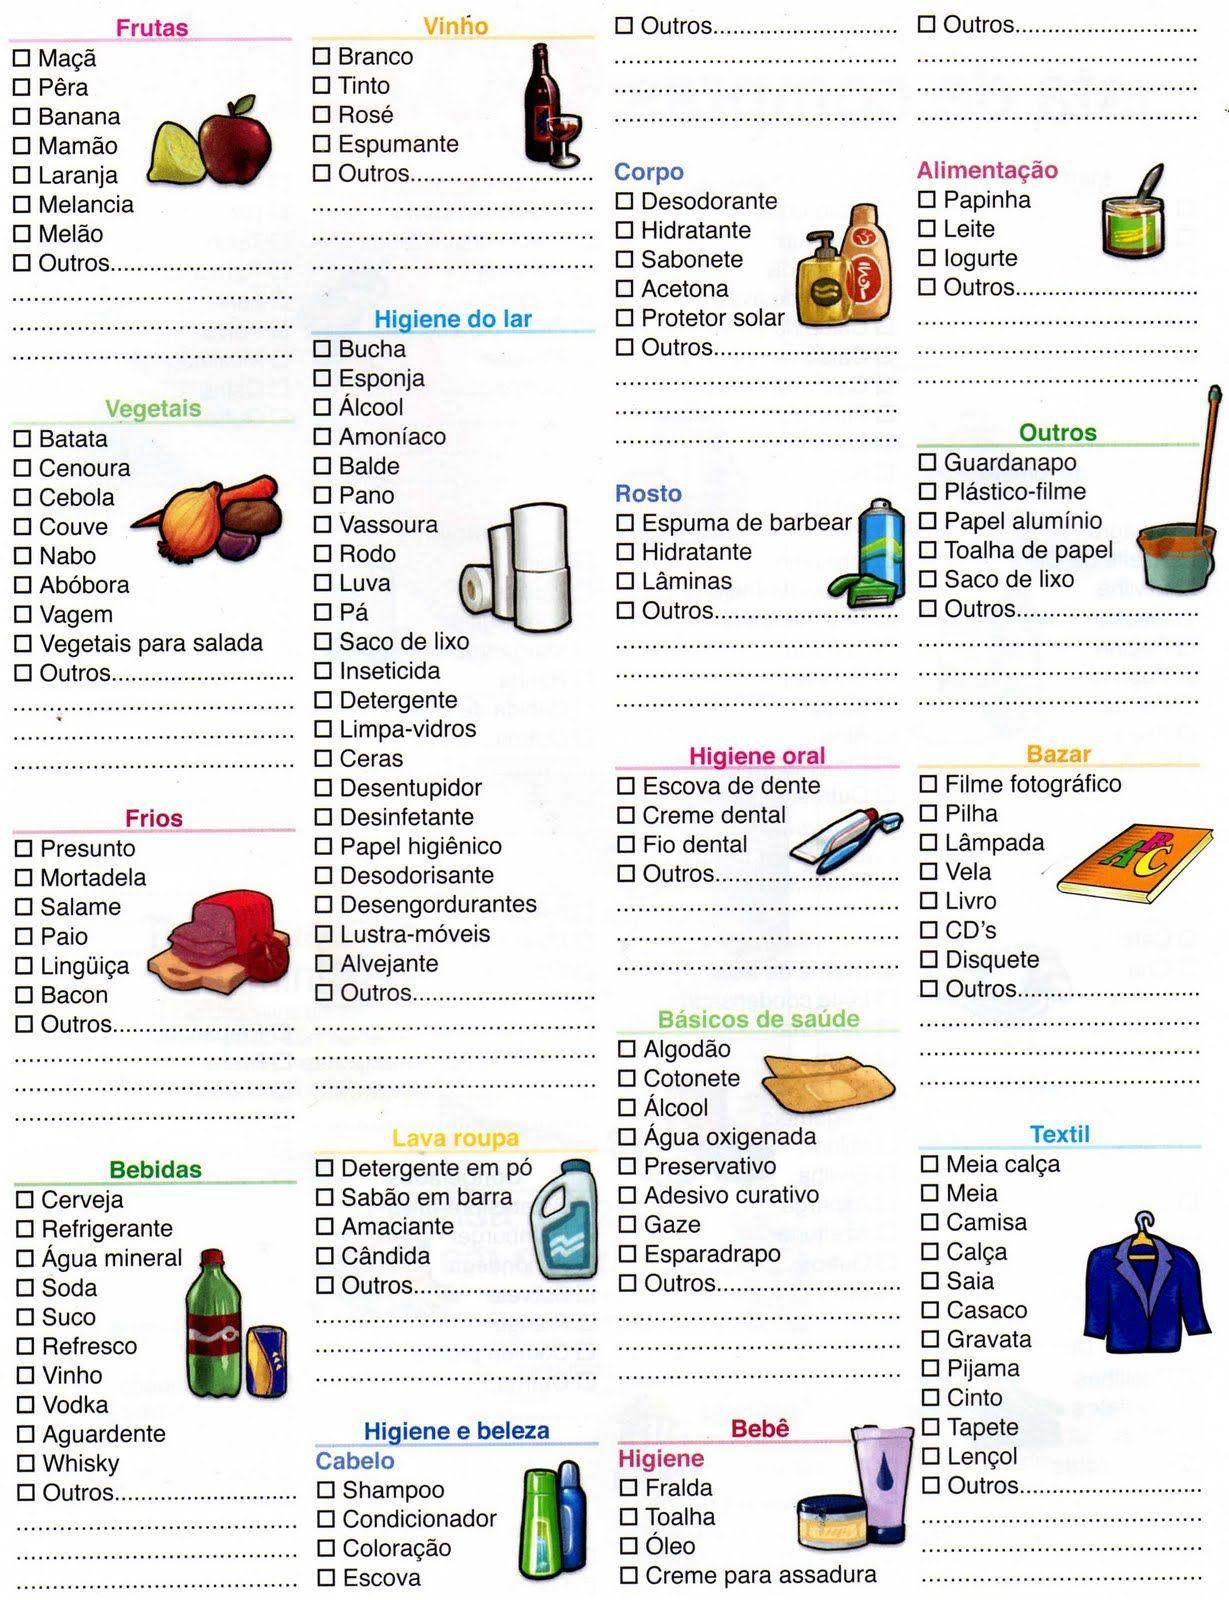 Top 25 ideias para se organizar | Lista, Compras e Dicas HU07